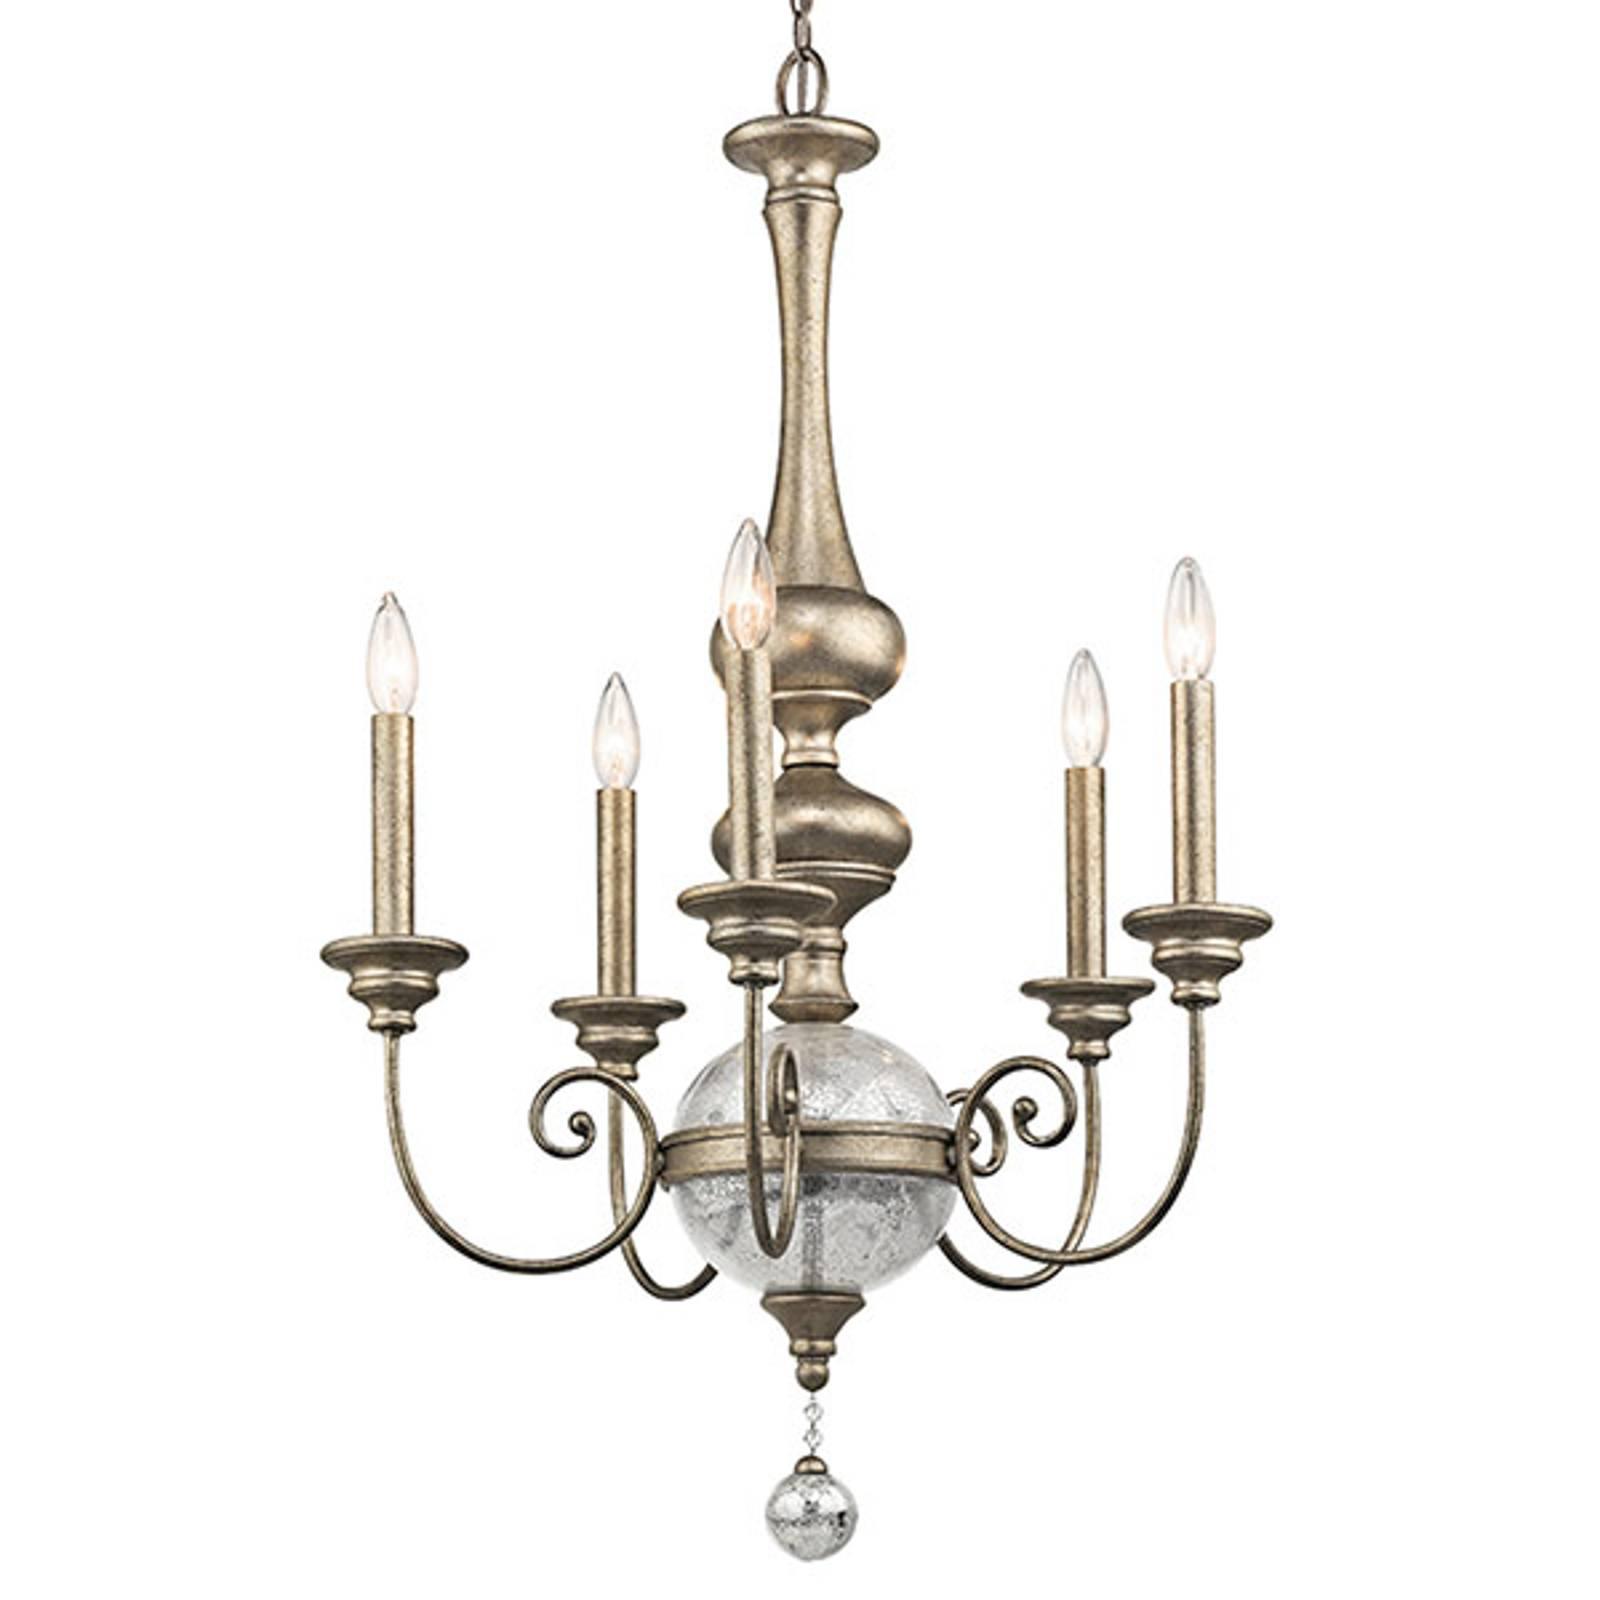 Kroonluchter Rosalie 5-lamps Ø 61 cm